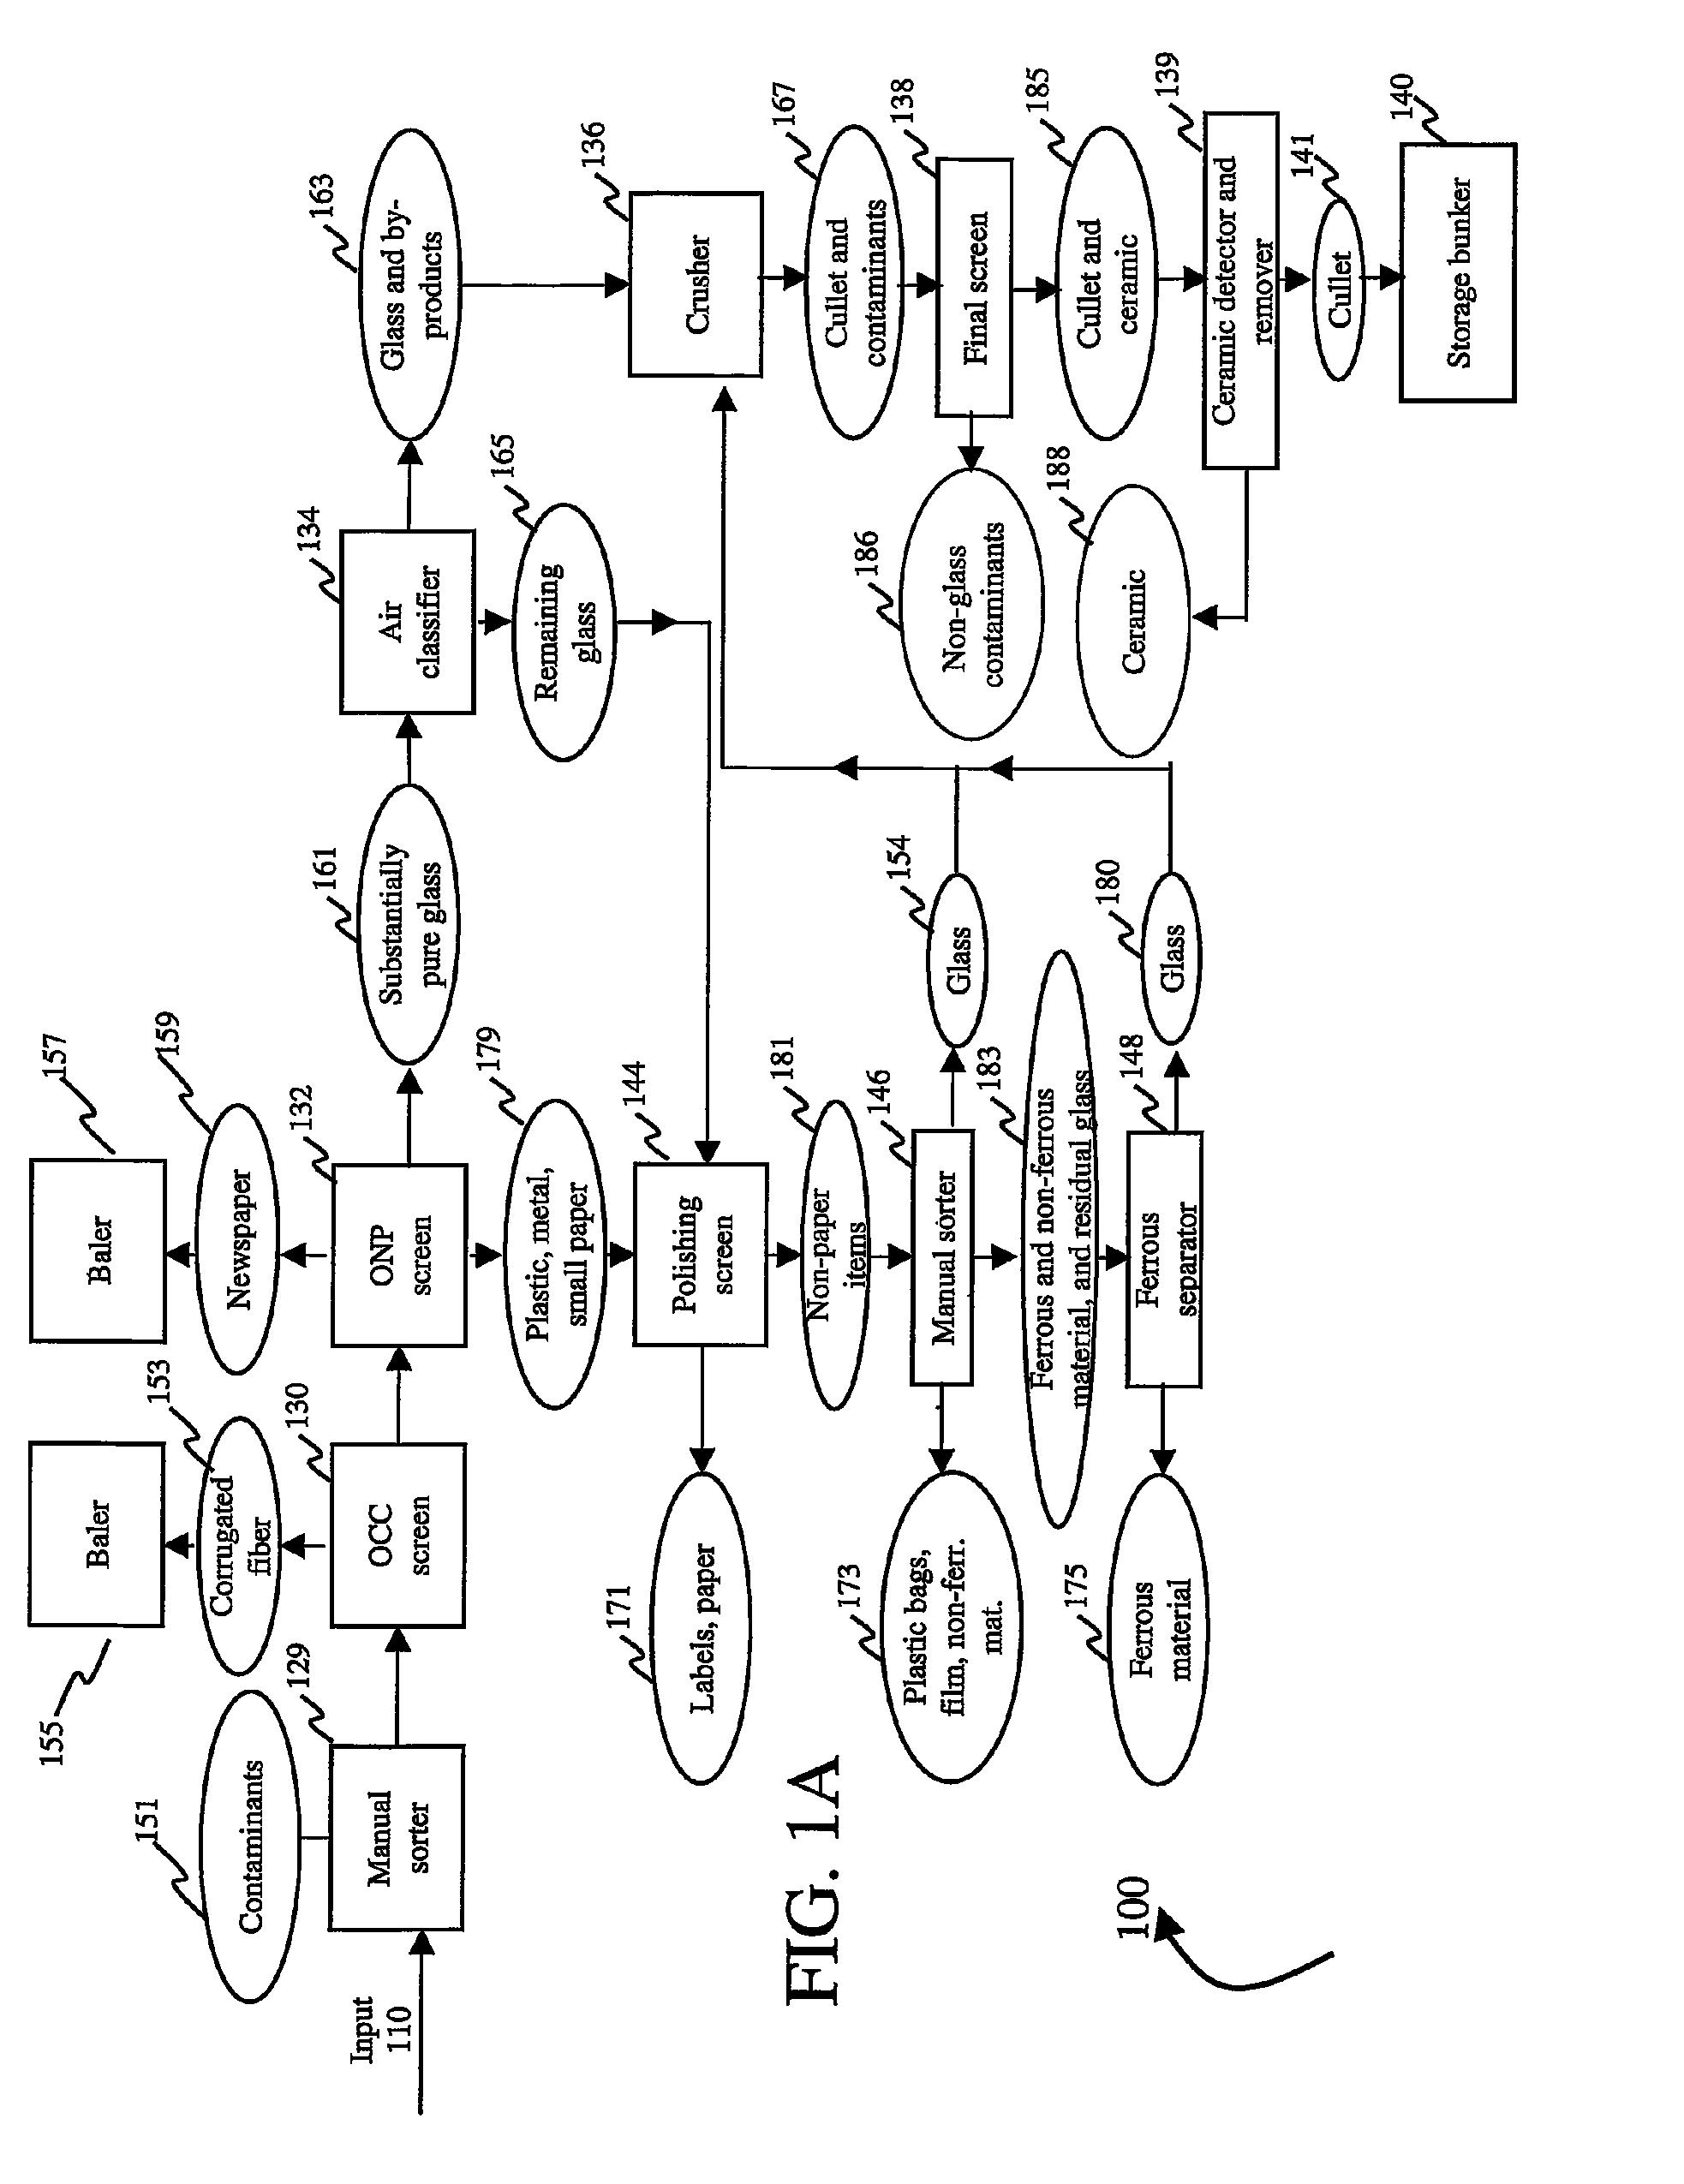 refrigerator wiring diagrams refrigerator wiring diagram collections quincy air pressor parts diagram